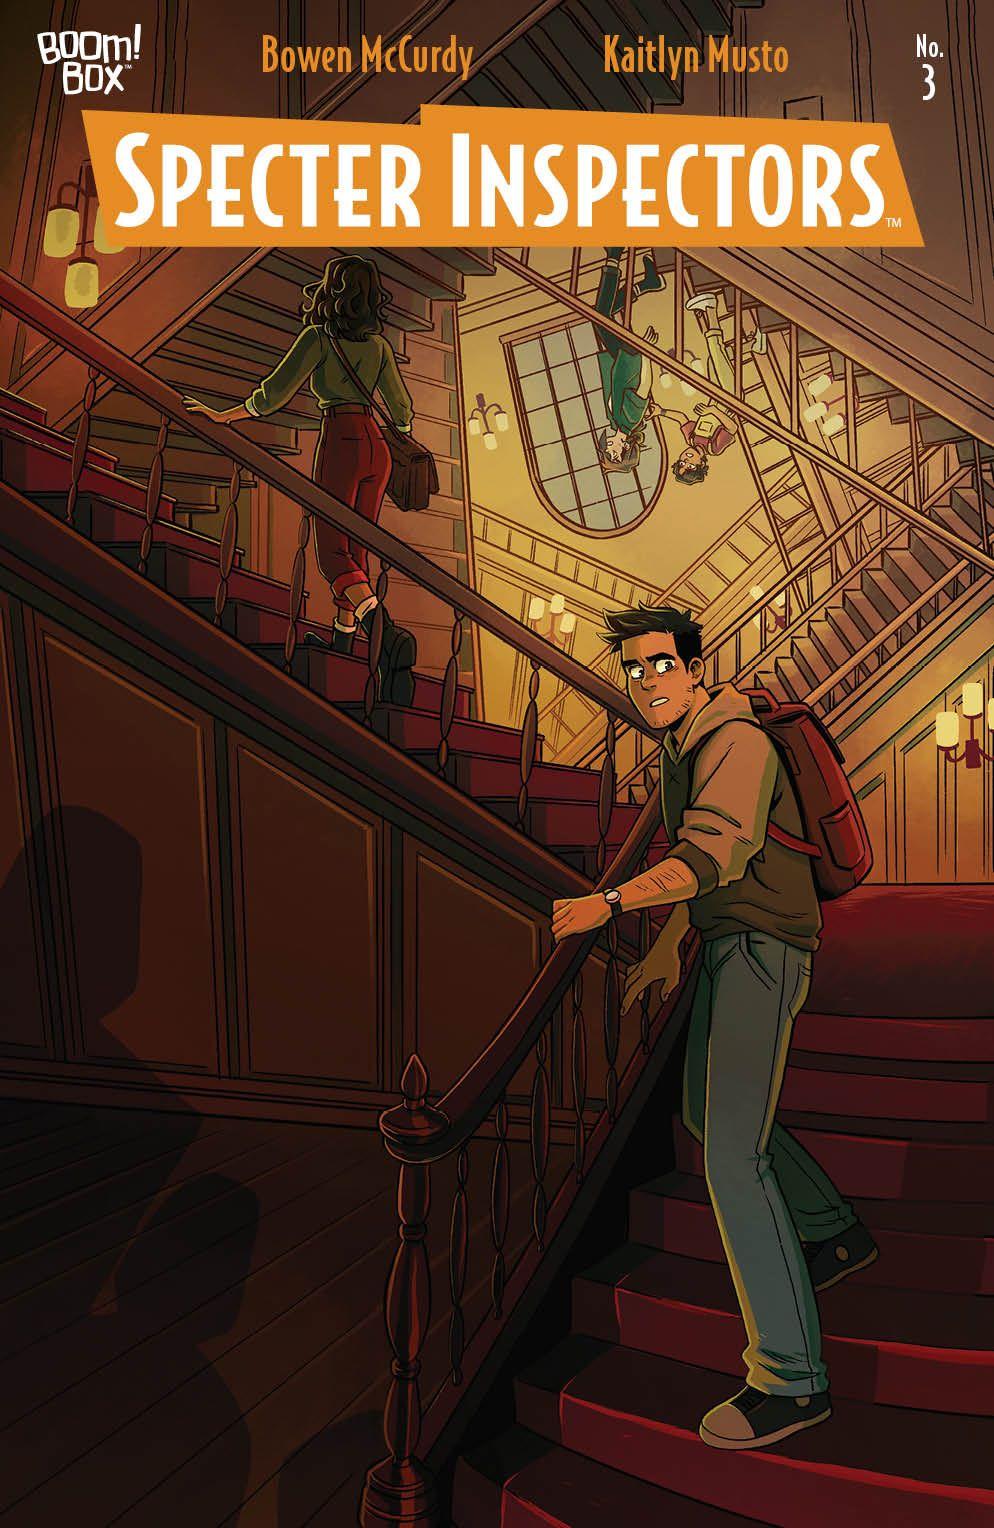 SpecterInspectors_003_Cover_A_Main ComicList Previews: SPECTER INSPECTORS #3 (OF 5)